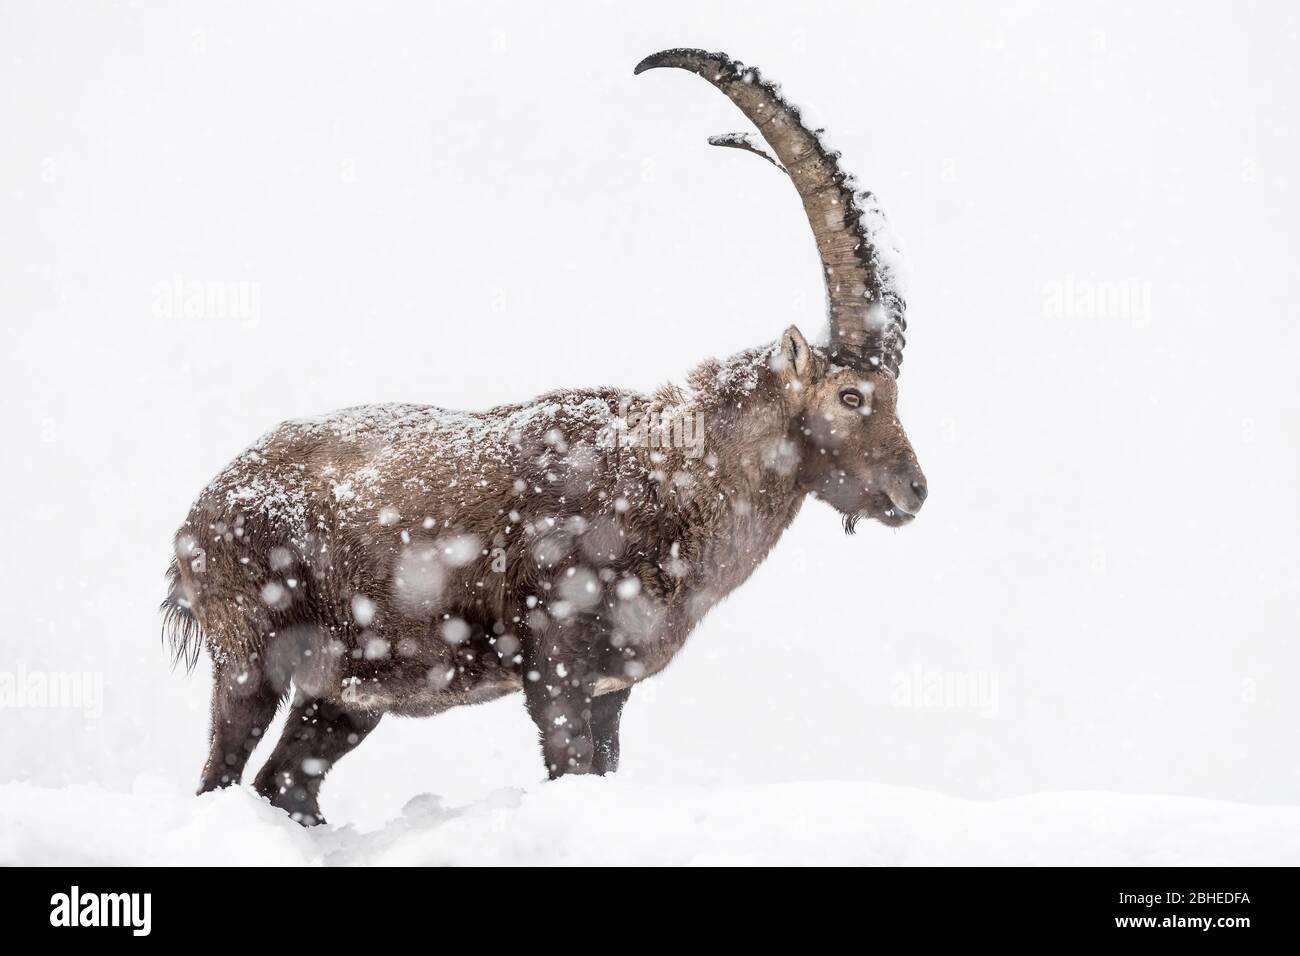 Richiamo del selvaggio ritratto dello stambecco alpino sotto la tempesta di neve (Capra stambex) Foto Stock